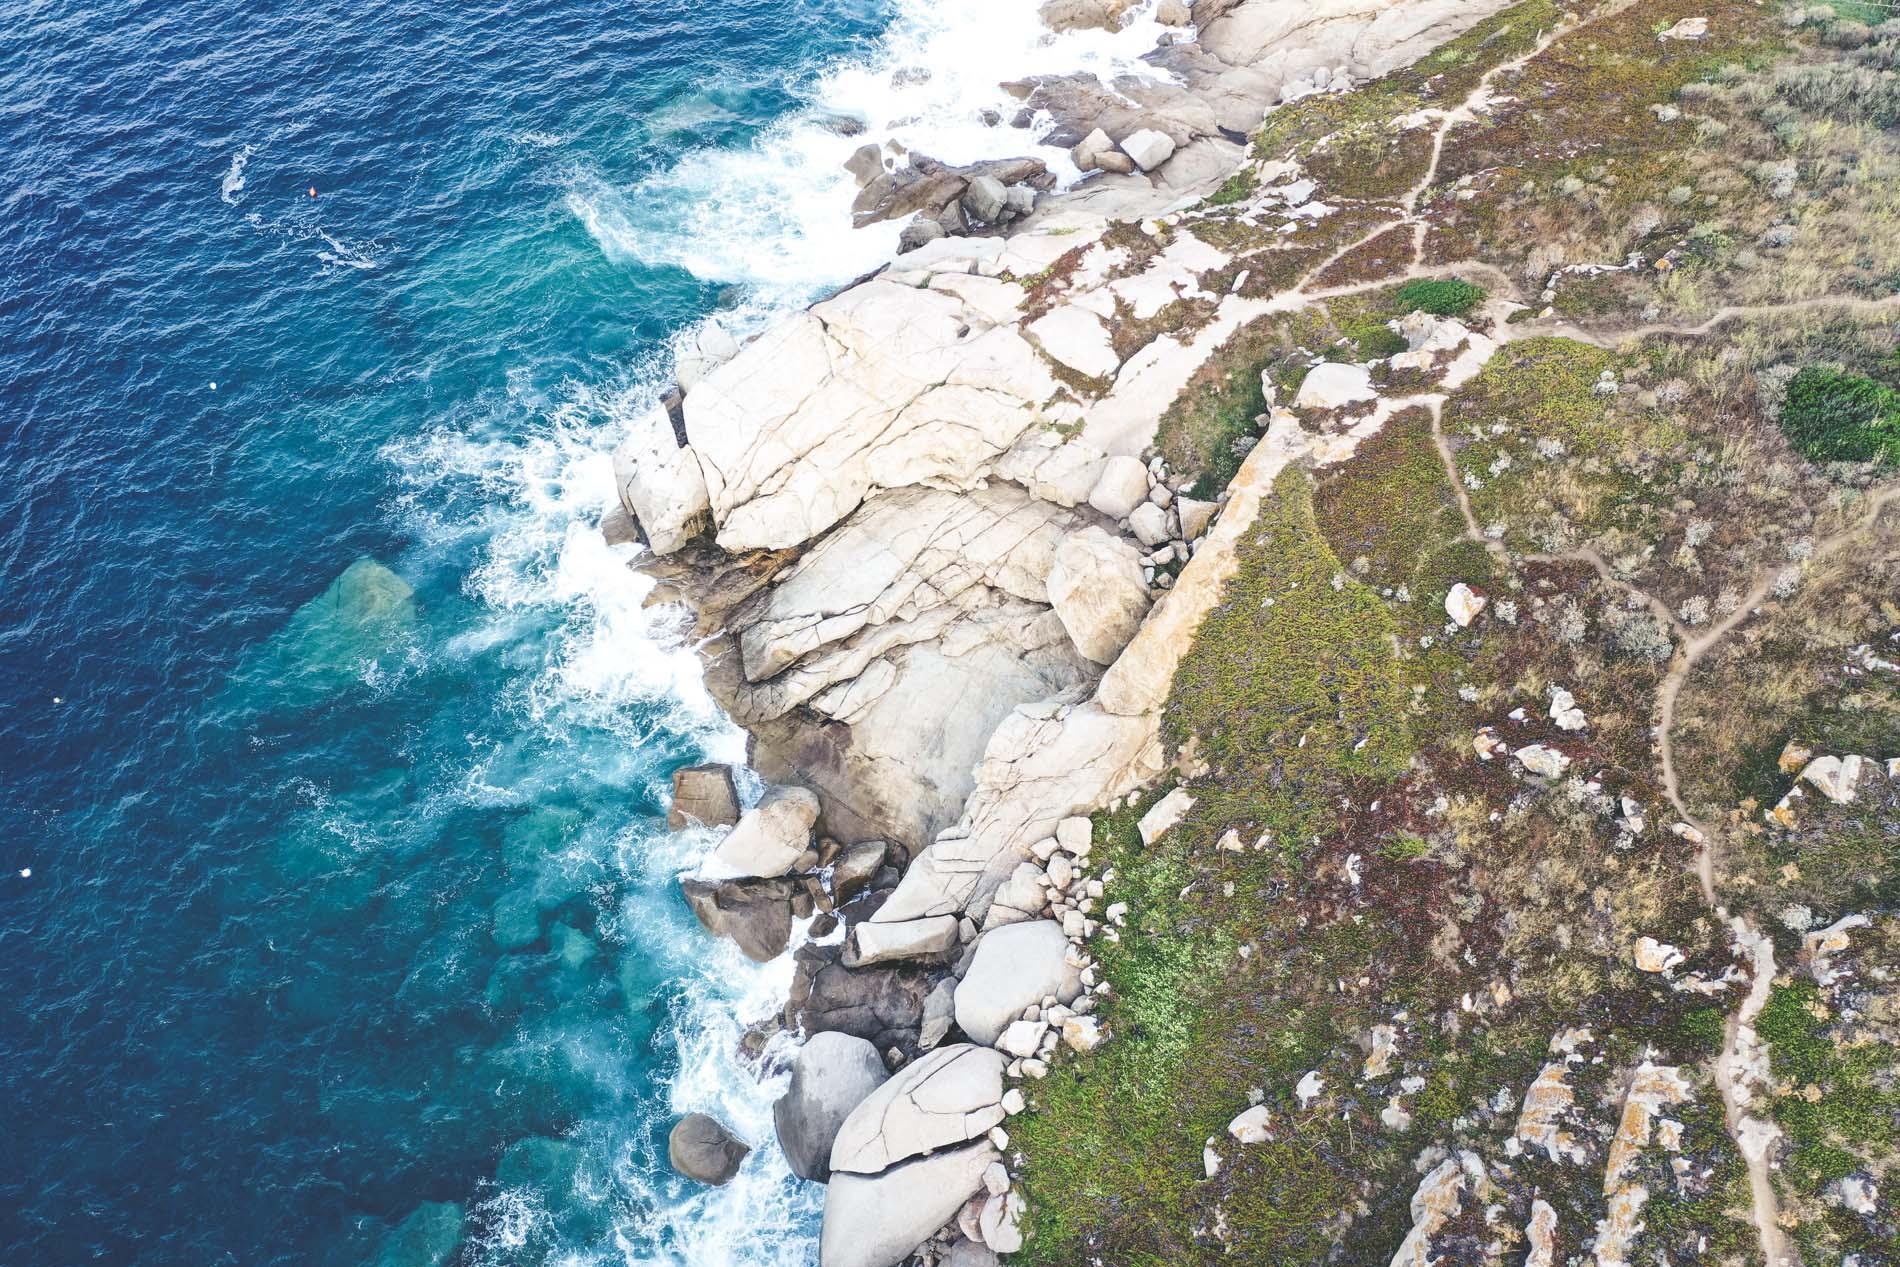 Vue sur la mer en Corse